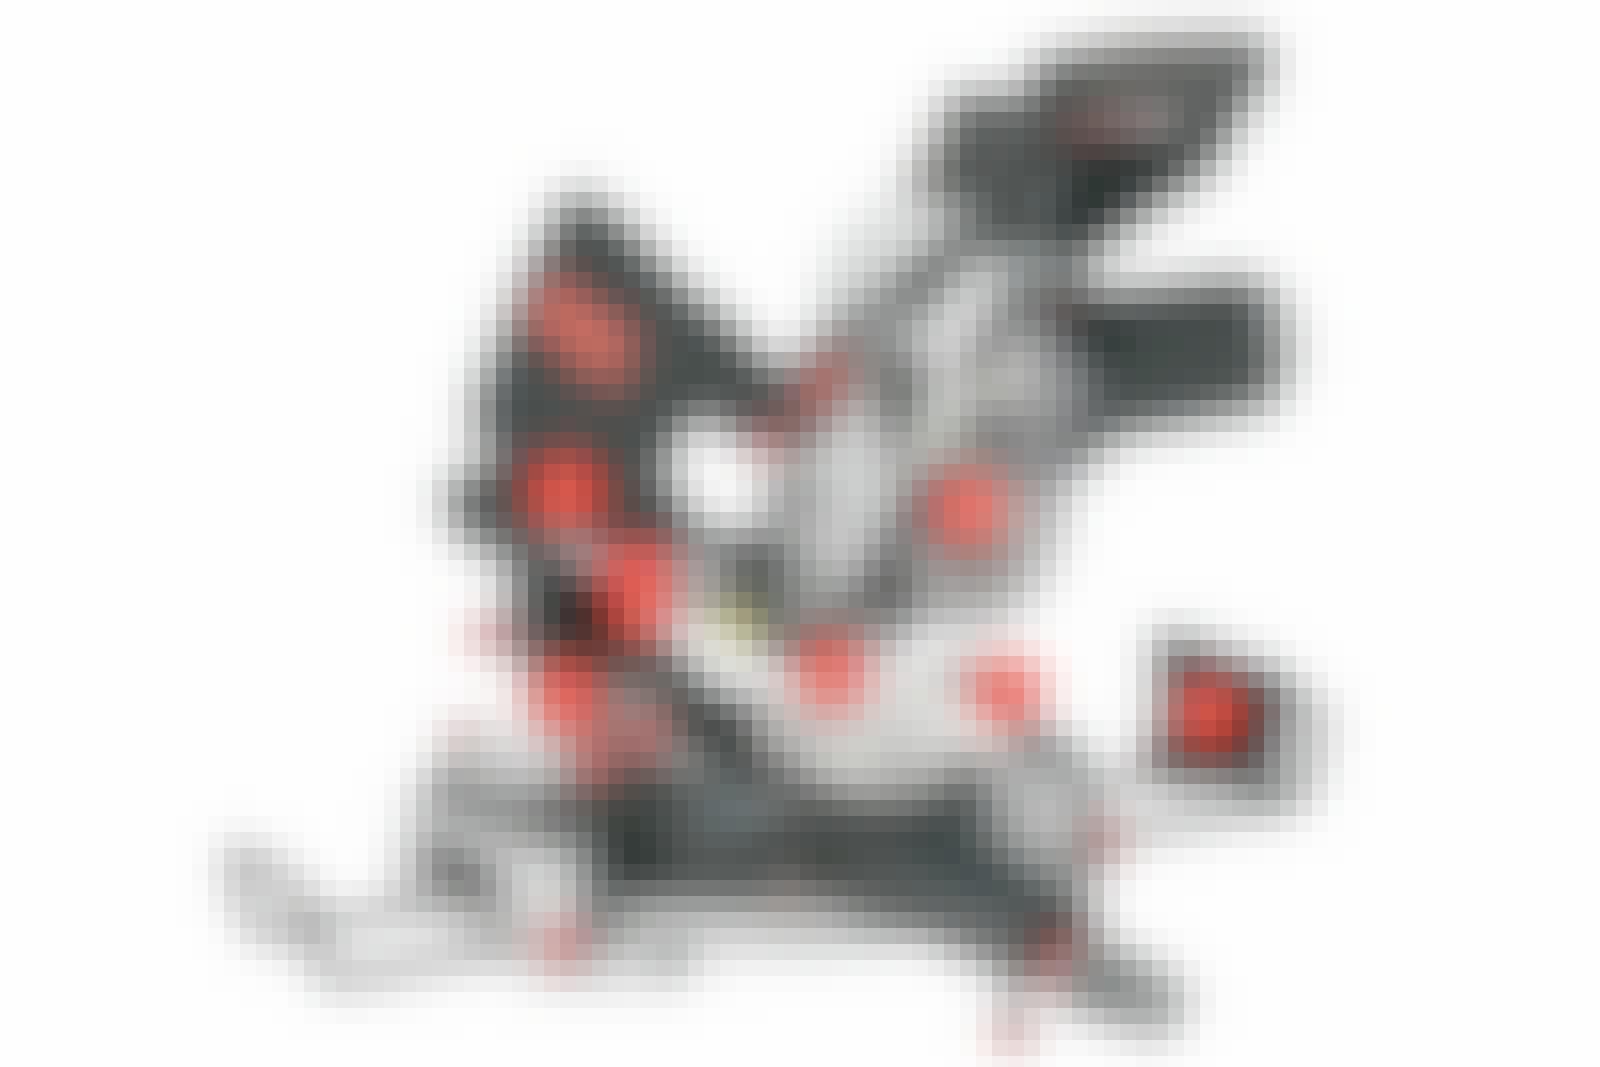 Kap geringssav: Rundt om kap geringssaven